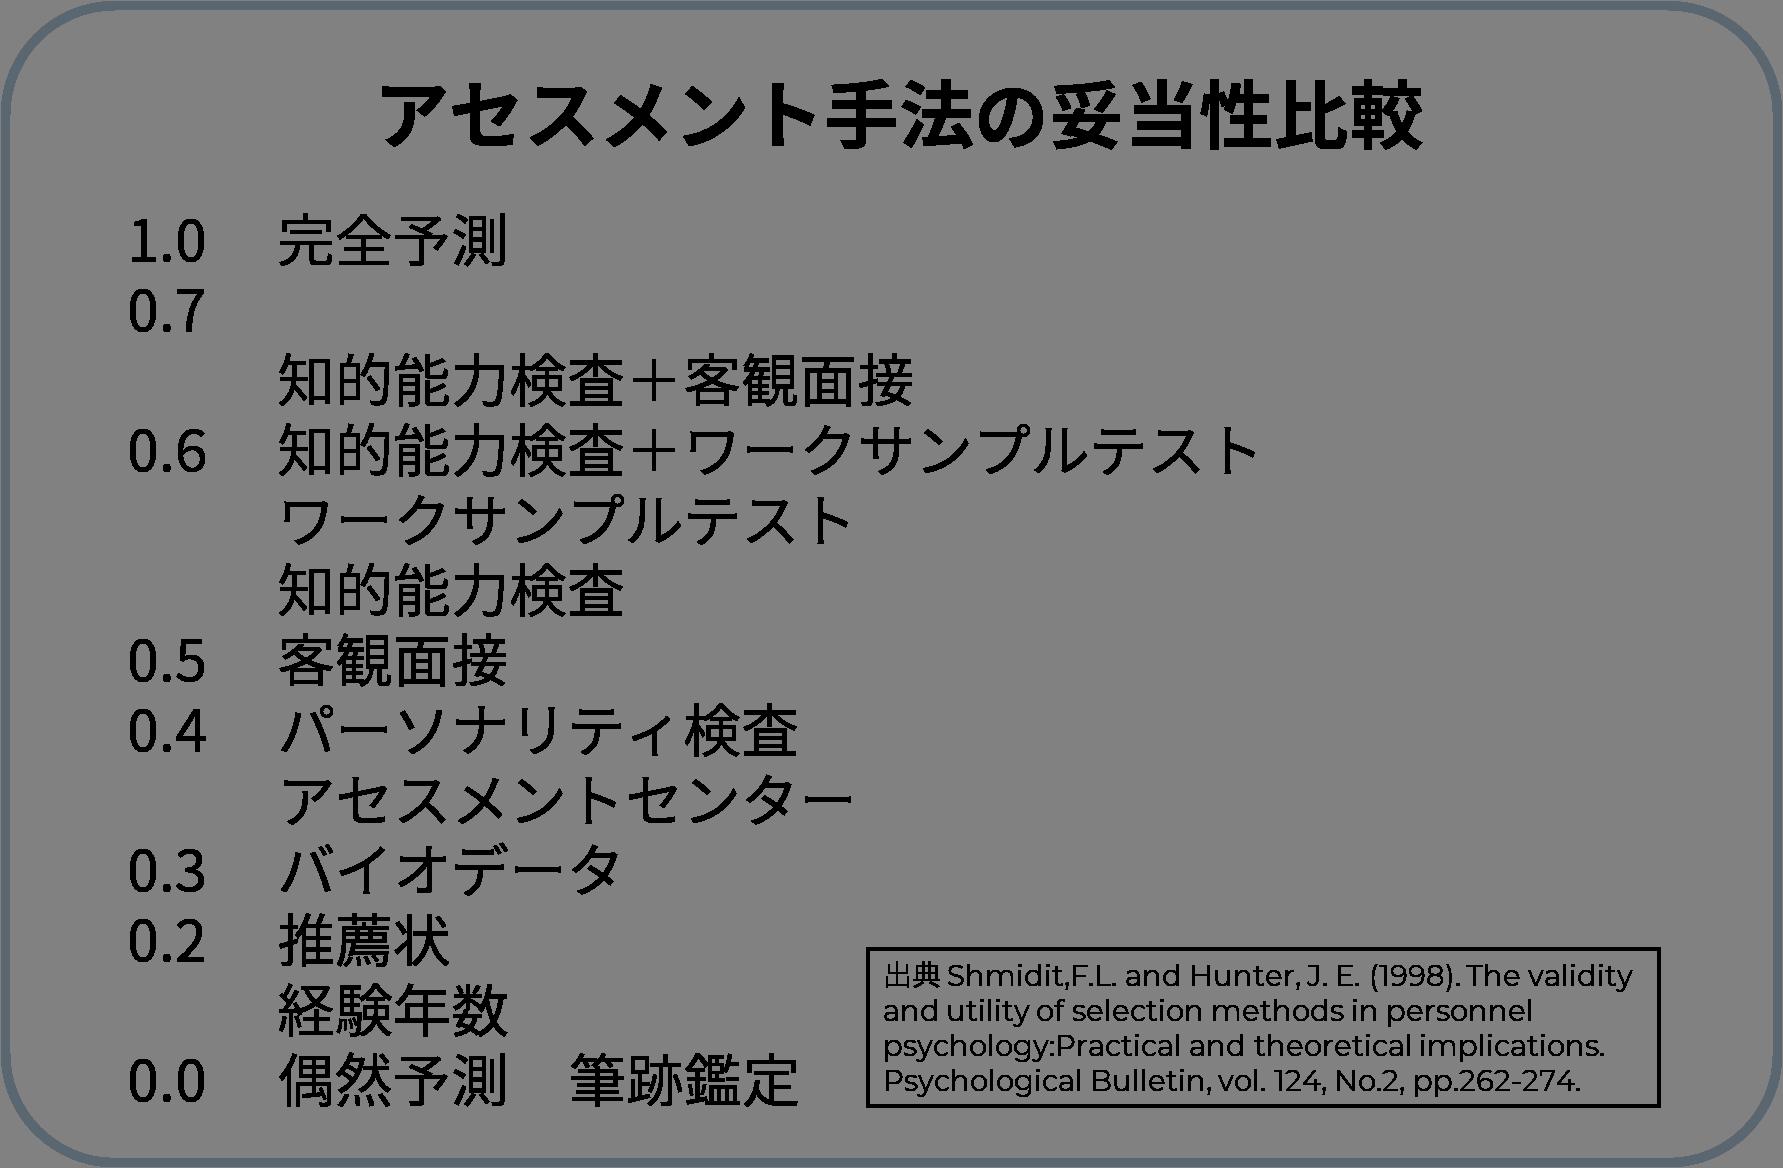 アセスメント手法の妥当性比較 1.0完全予測 0.7知的能力検査+客観面接 0.6知的能力検査+ワークサンプルテスト ワークサンプルテスト 知的能力検査 0.5客観面接 0.4パーソナリティ検査 アセスメントセンター 0.3バイオデータ 0.2推薦状 経験年数 0.0偶然予測 筆跡鑑定 出典 Shmidit,F.L. and Hunter, J. E. (1998). The validity and utility of selection methods in personnel psychology:Practical and theoretical implications. Psychological Bulletin, vol. 124, No.2, pp.262-274.